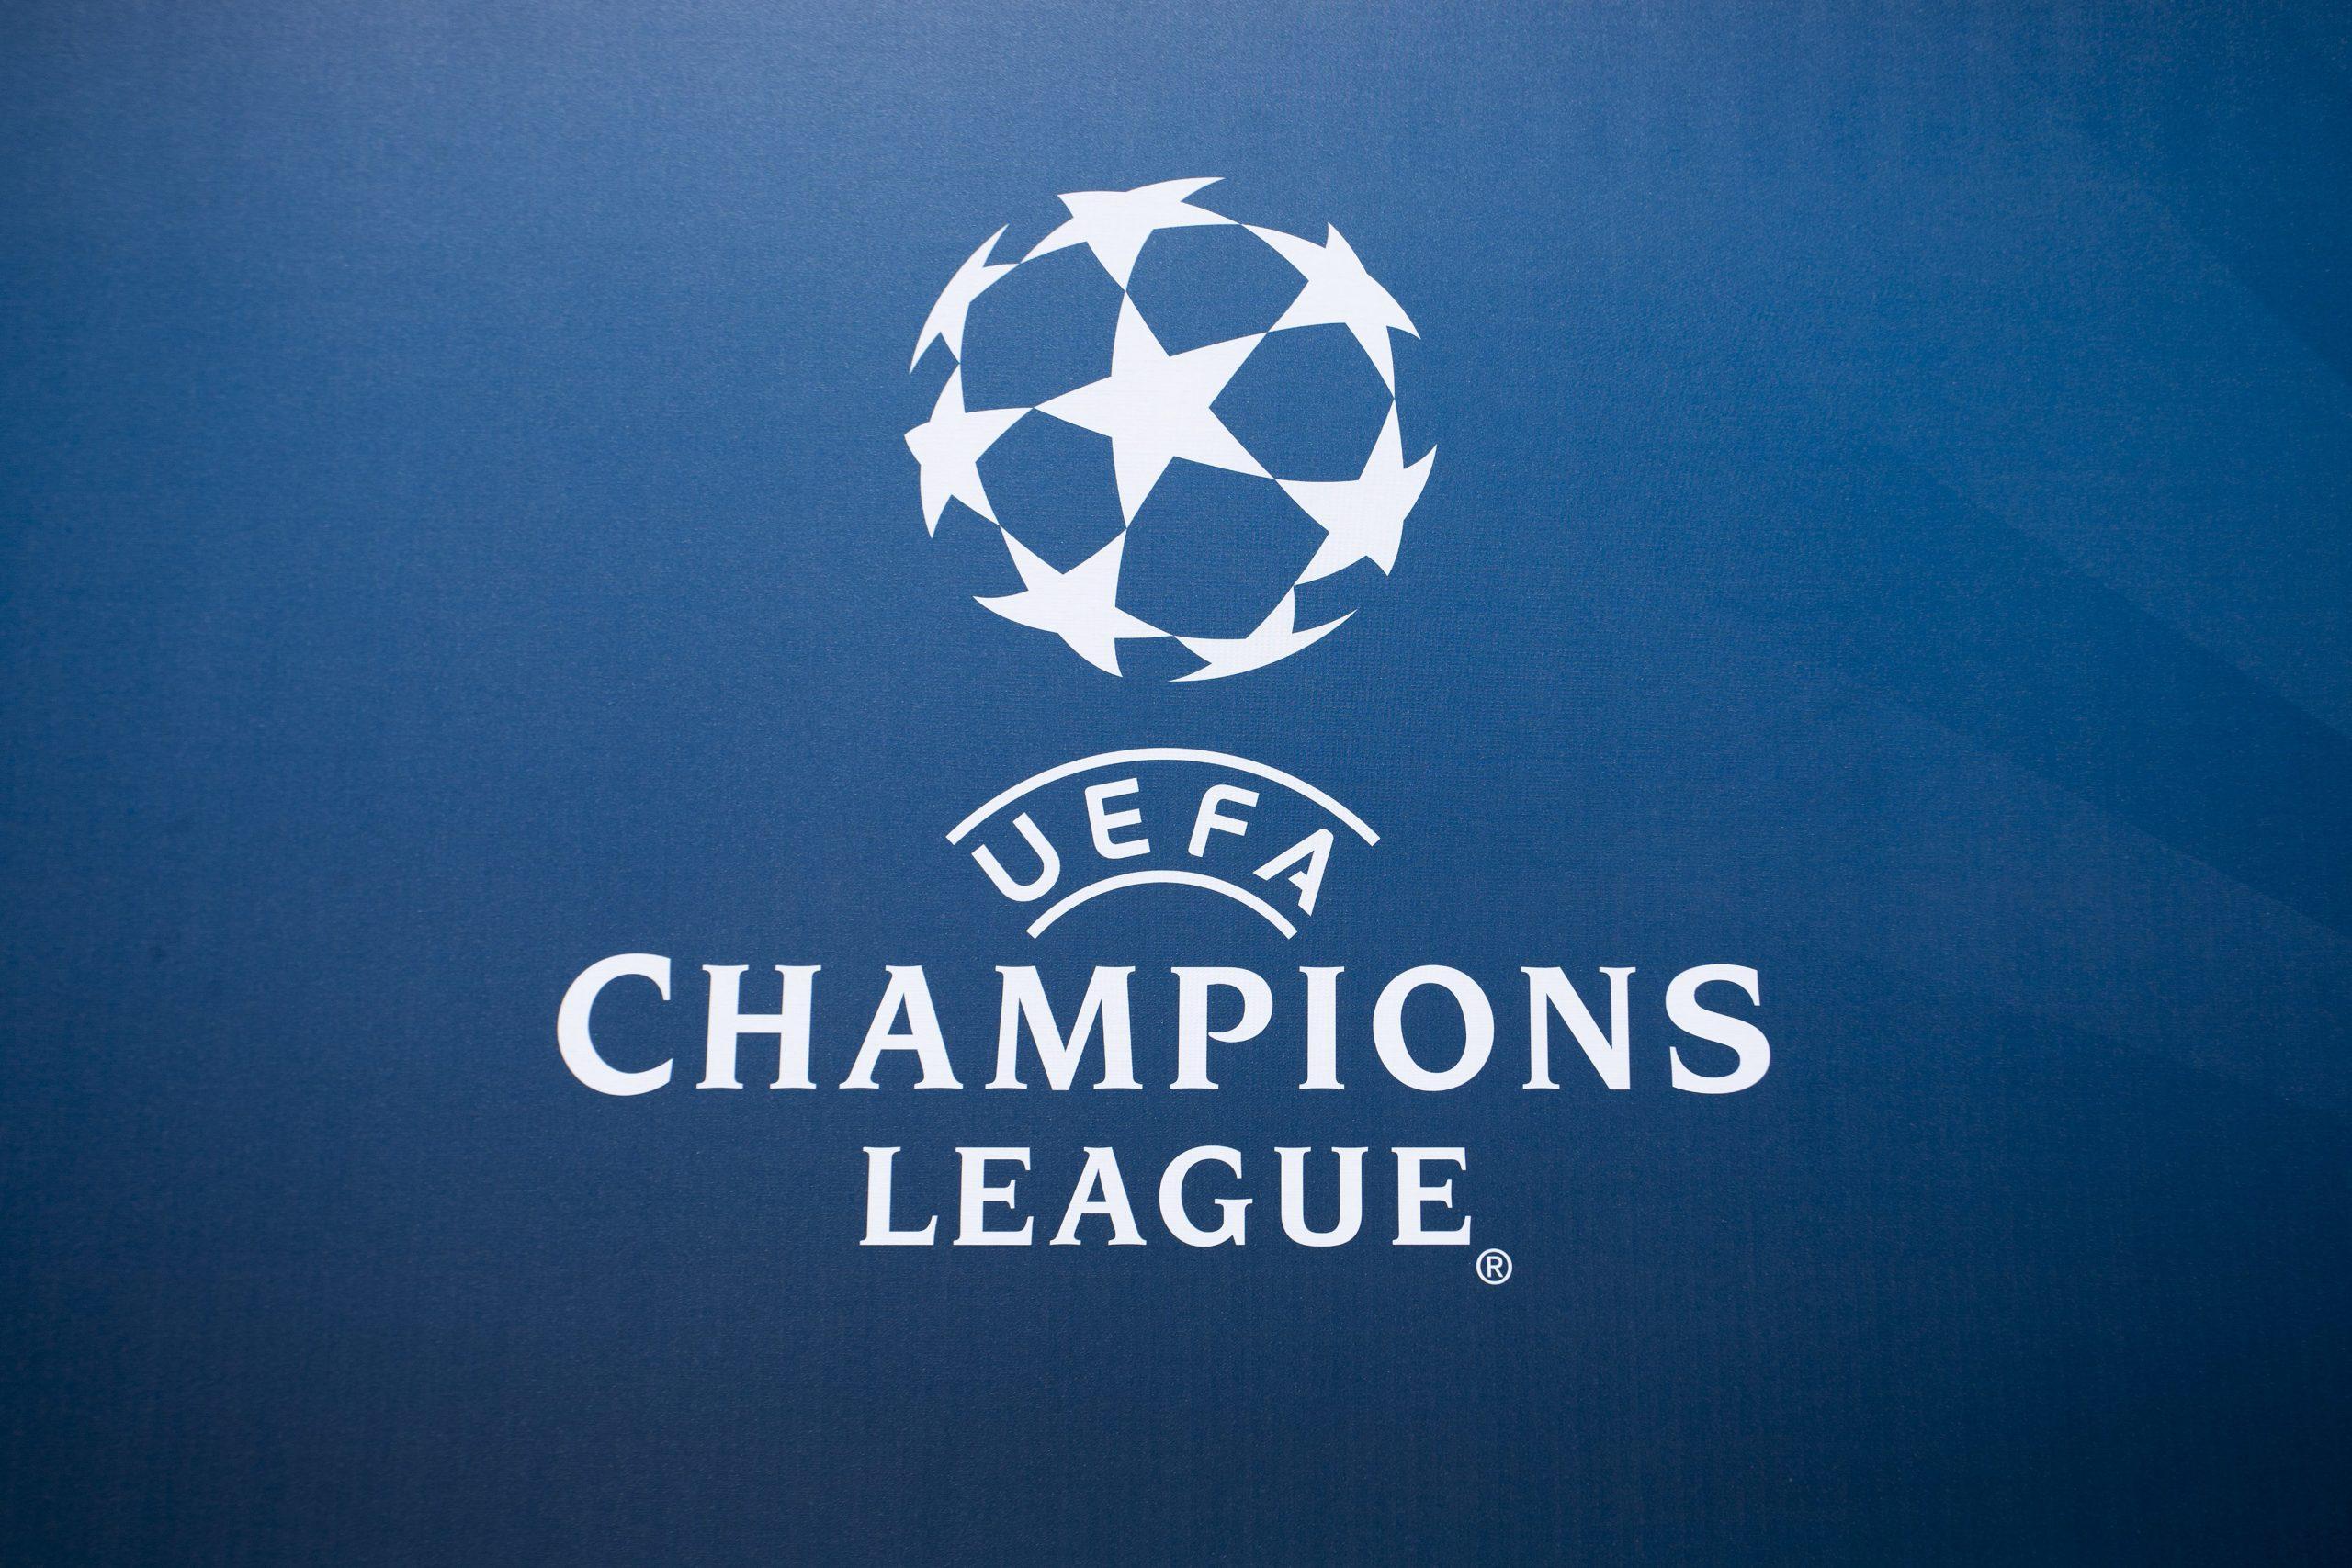 Officiel - Les listes pour la Ligue des Champions sont mises à jour, Choupo-Moting et Bakker avec le PSG